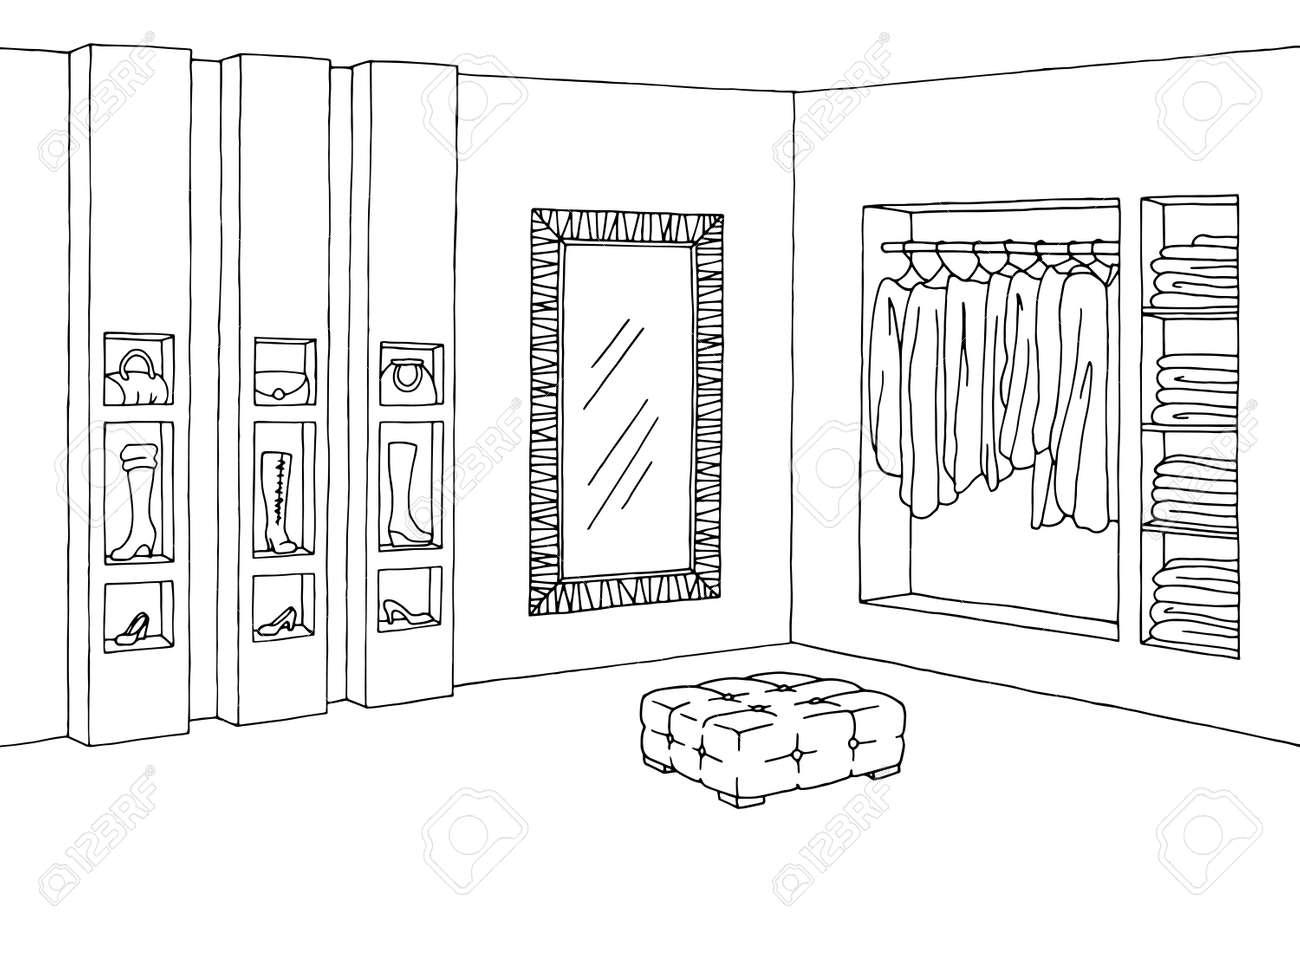 Shop Innenarchitektur Schwarz Weiss Skizze Illustration Vektor Standard Bild